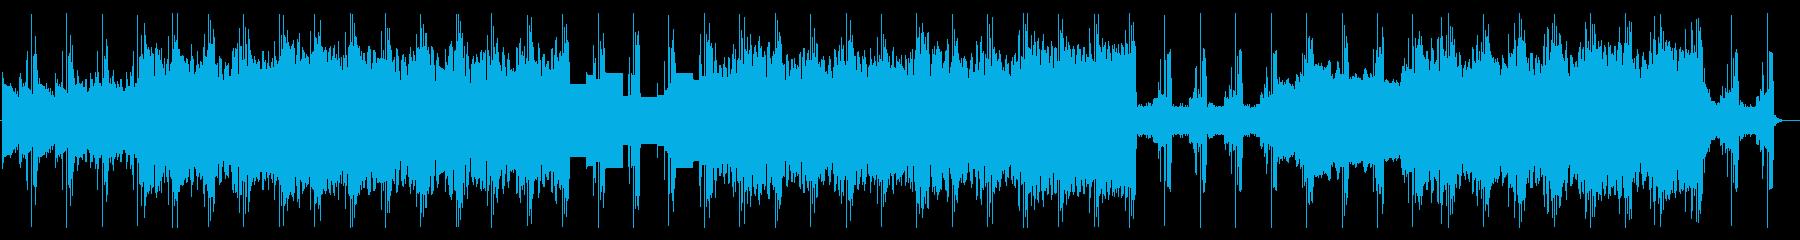 重い緊迫感 2の再生済みの波形